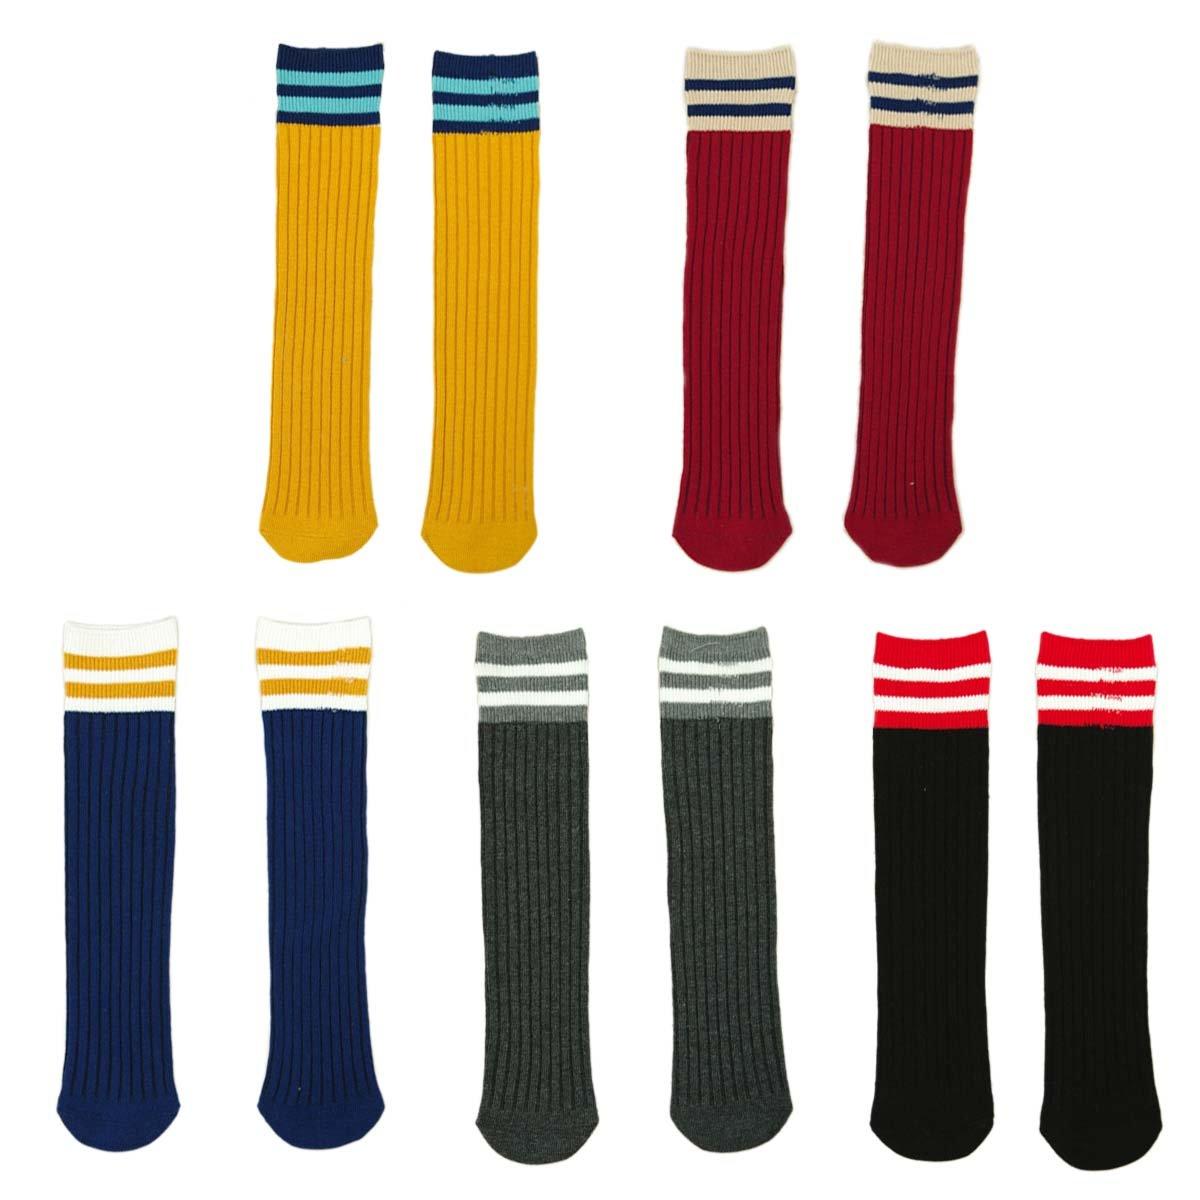 FYGOOD Lot de 5 Paires Chaussettes Hautes Genou Enfant Unisex rayures S(3-4ans/longueur 28cm)